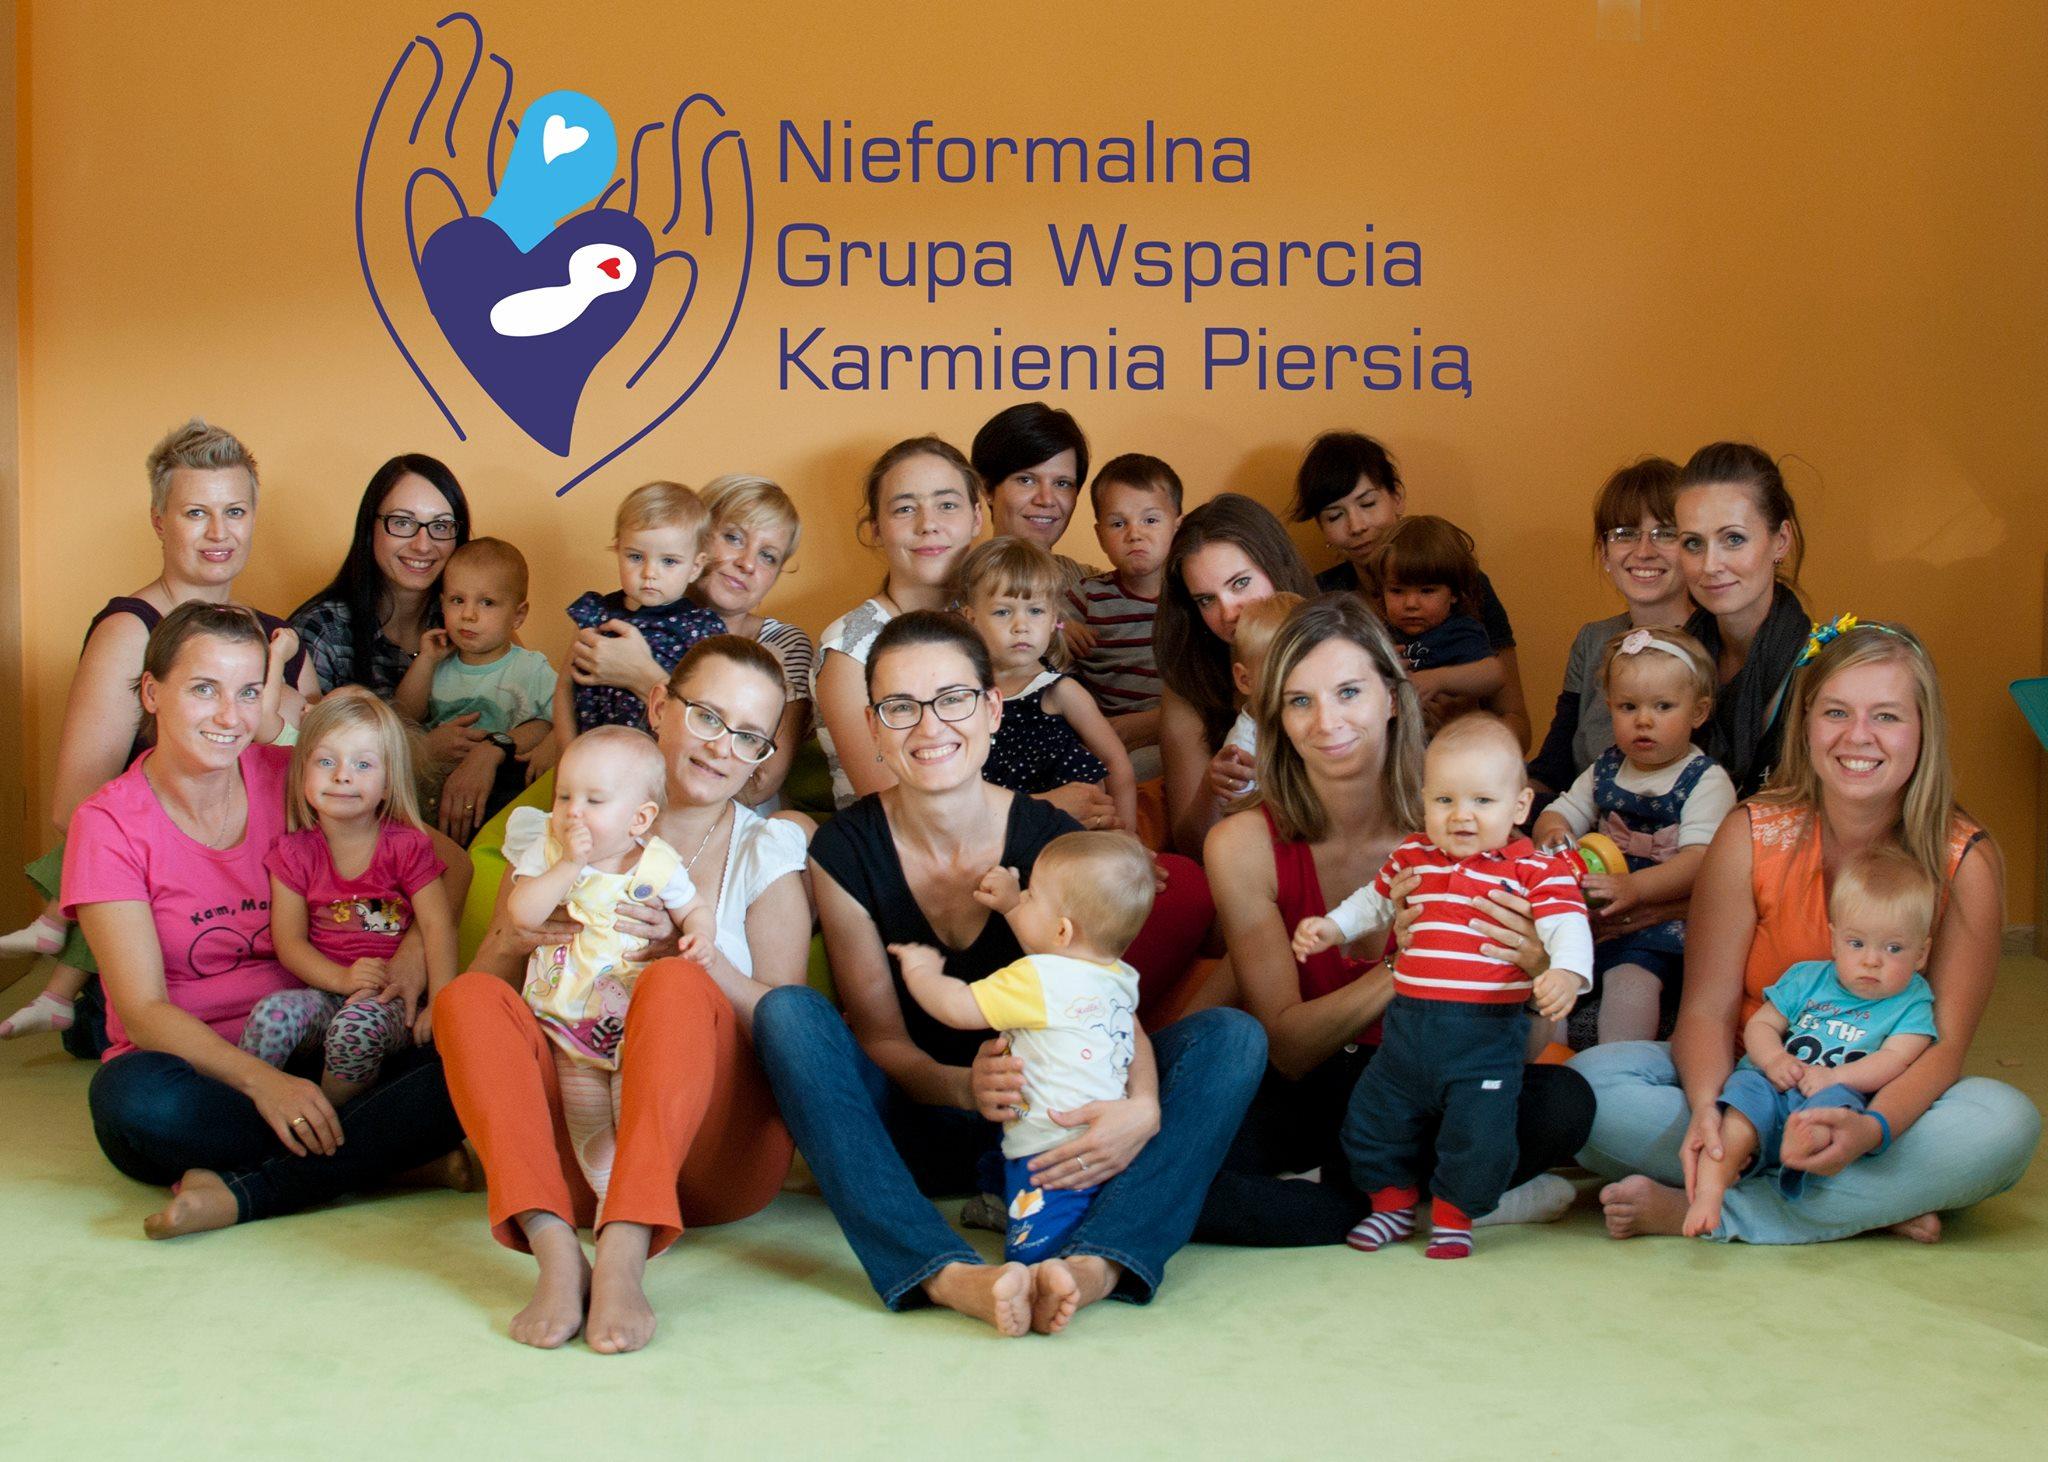 nieformalna_grupa_wsparcia_kp-jpg